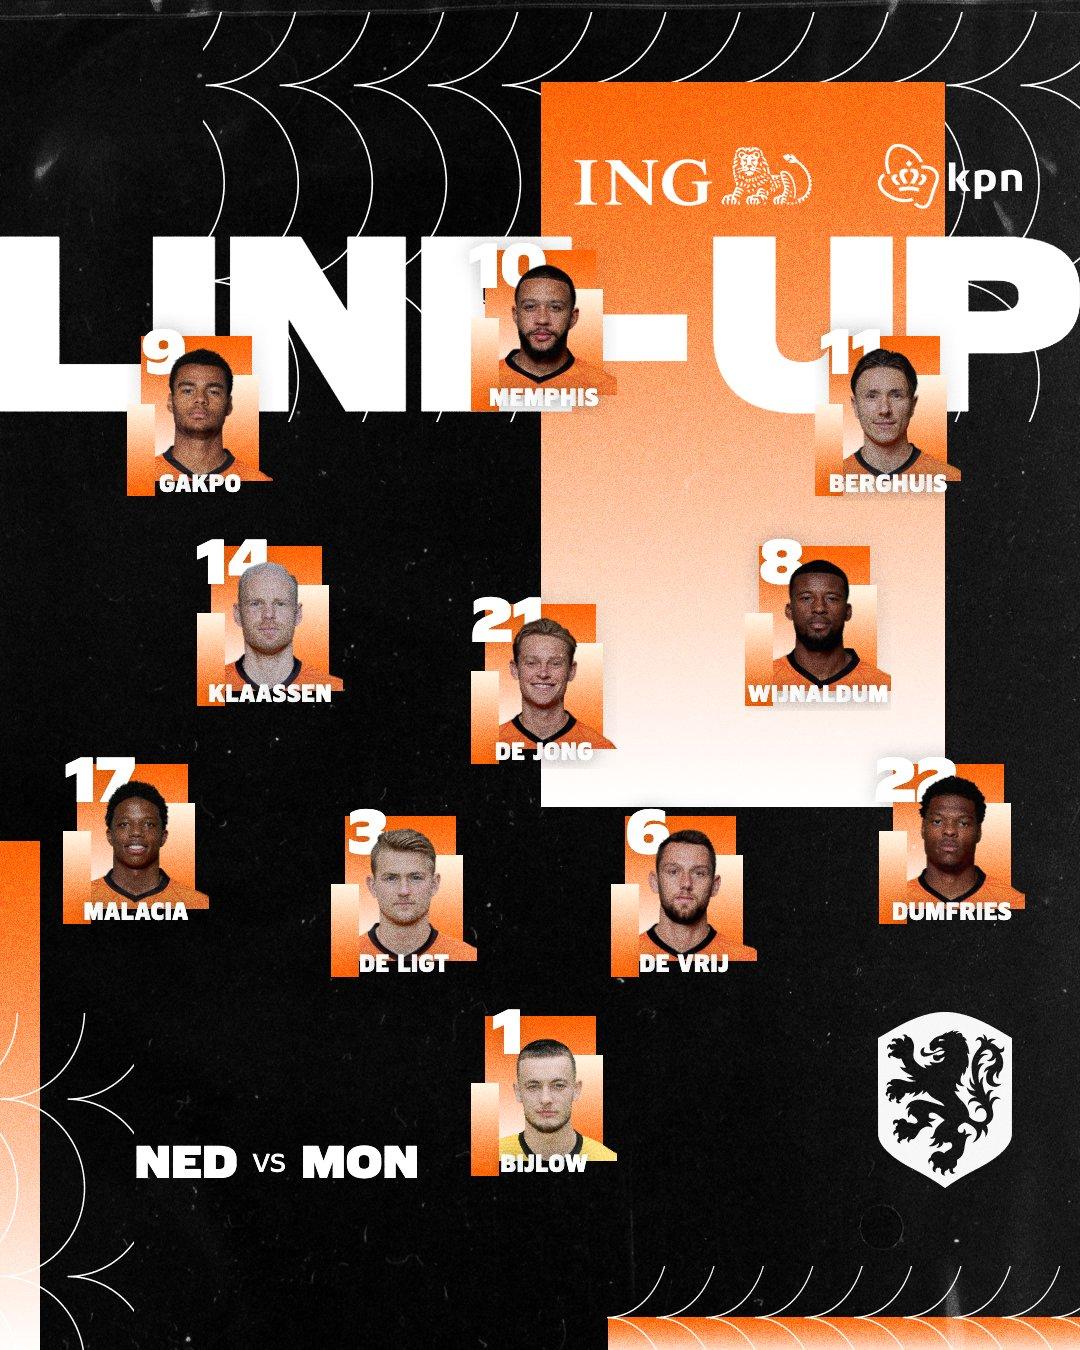 Netherlands national team formation